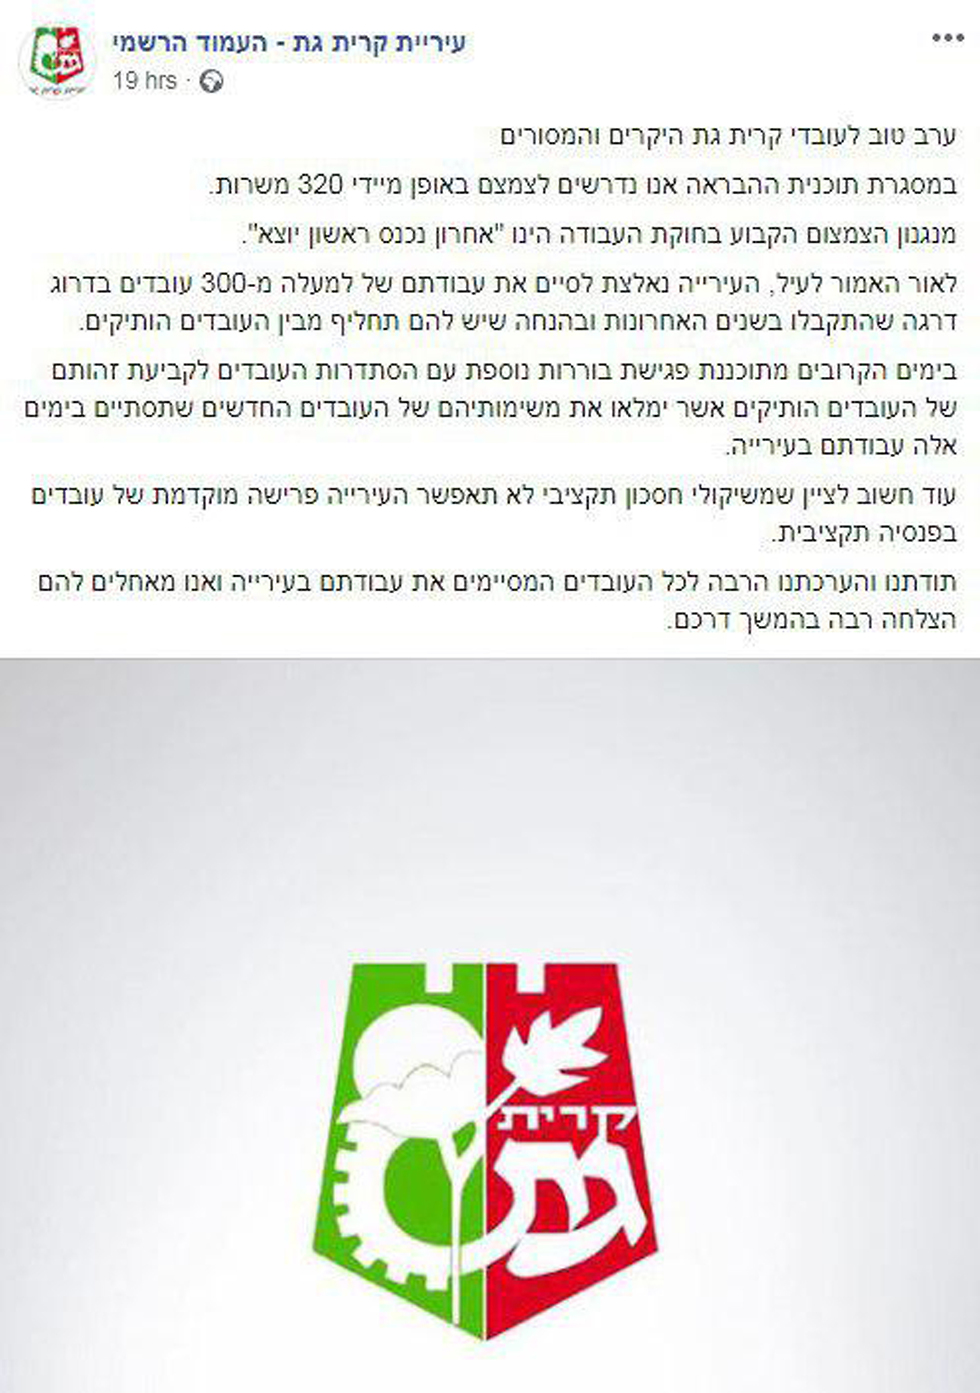 פוסט מעמוד הפייסבוק של עיריית קריית גת ()